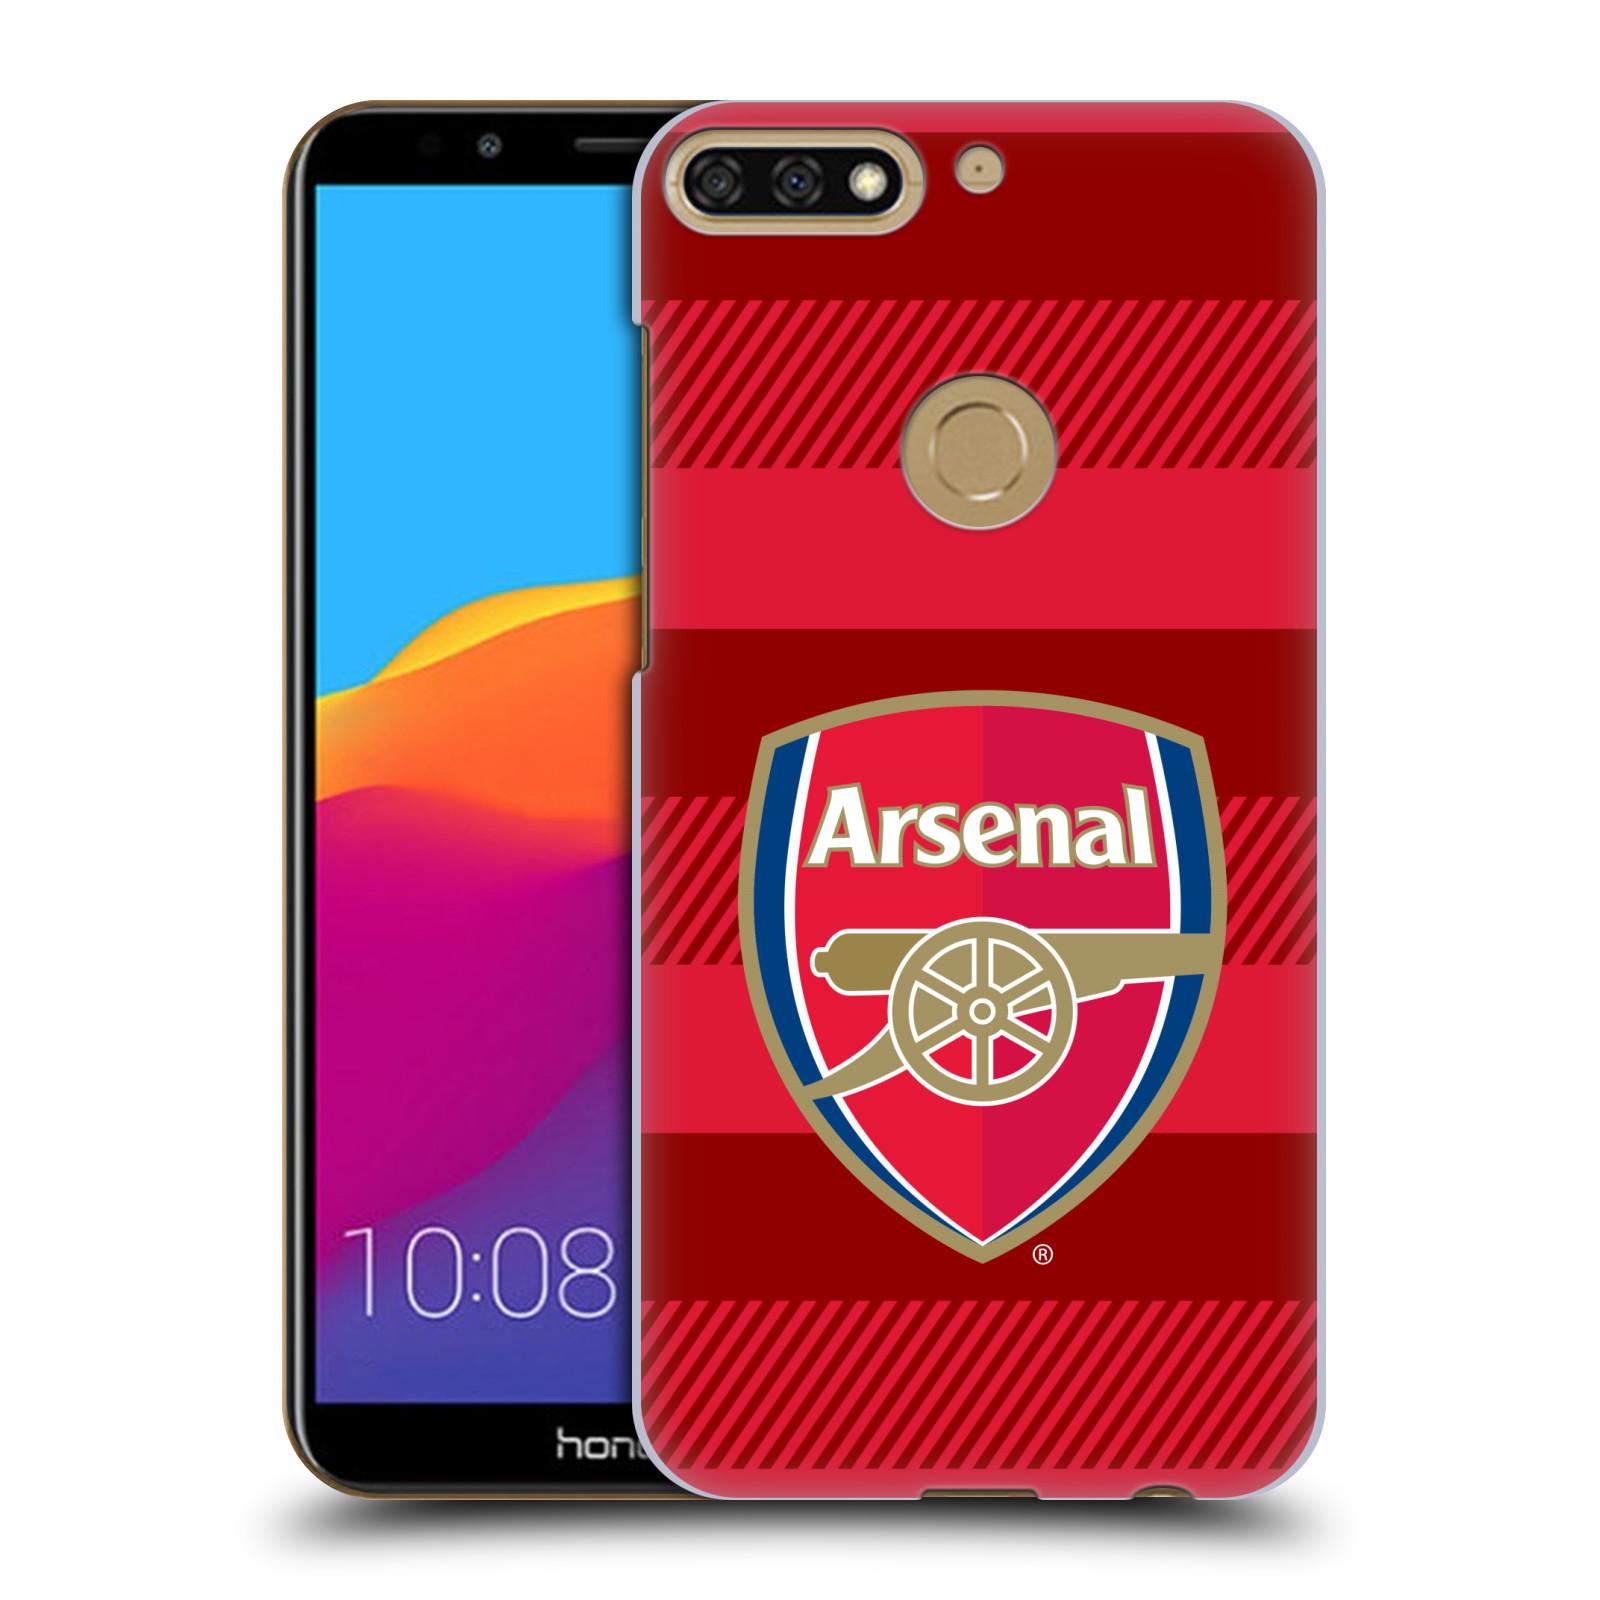 Plastové pouzdro na mobil Huawei Y7 Prime 2018 - Head Case - Arsenal FC - Logo s pruhy